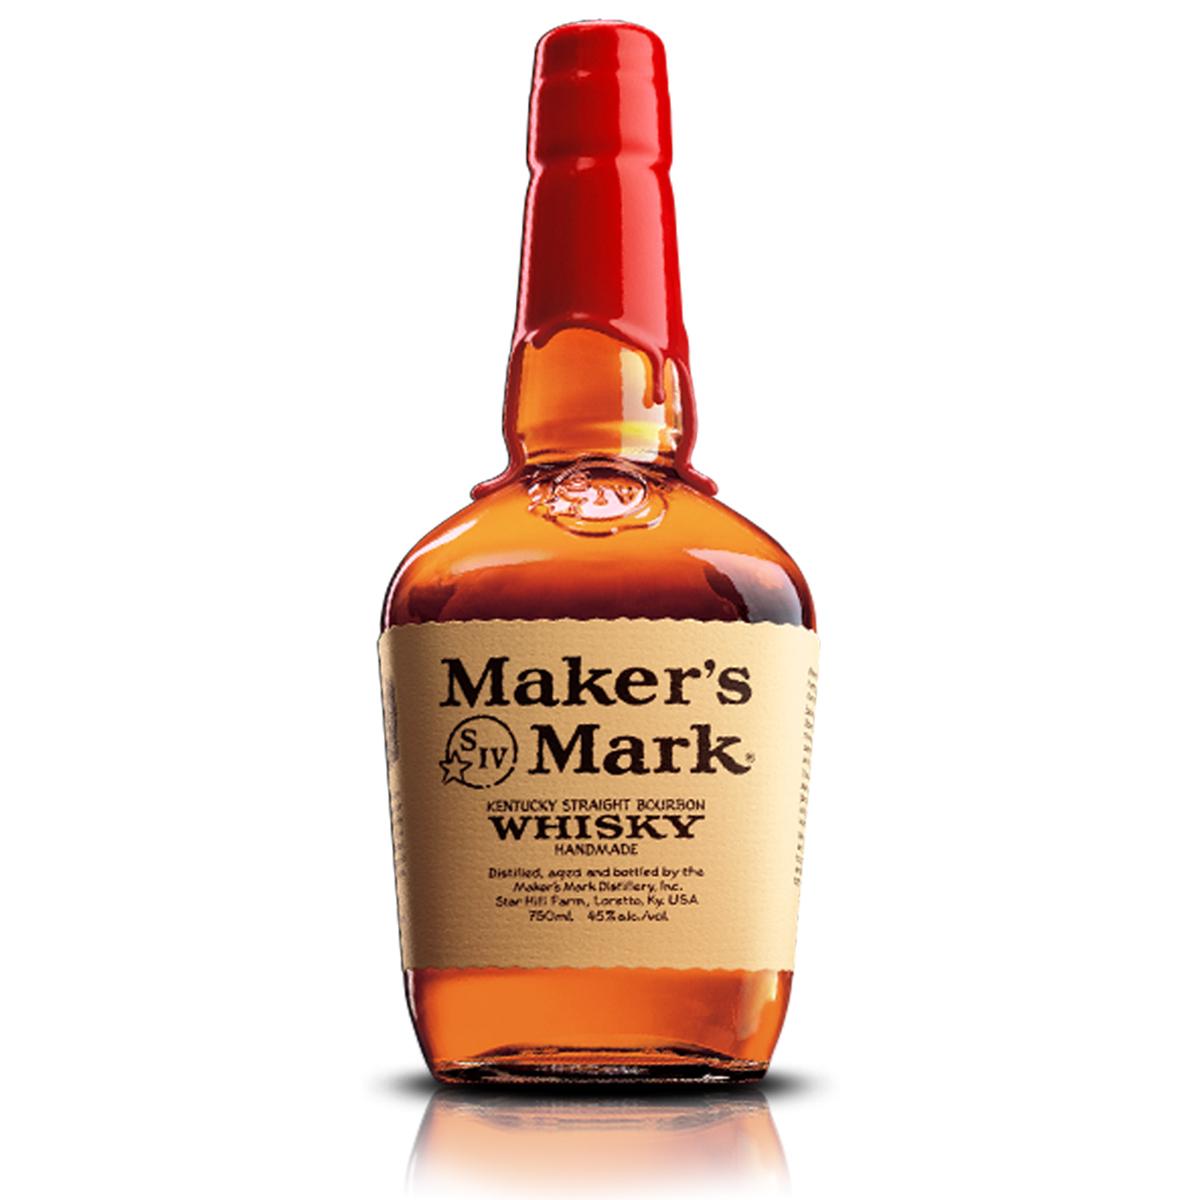 (Maker's Mark)